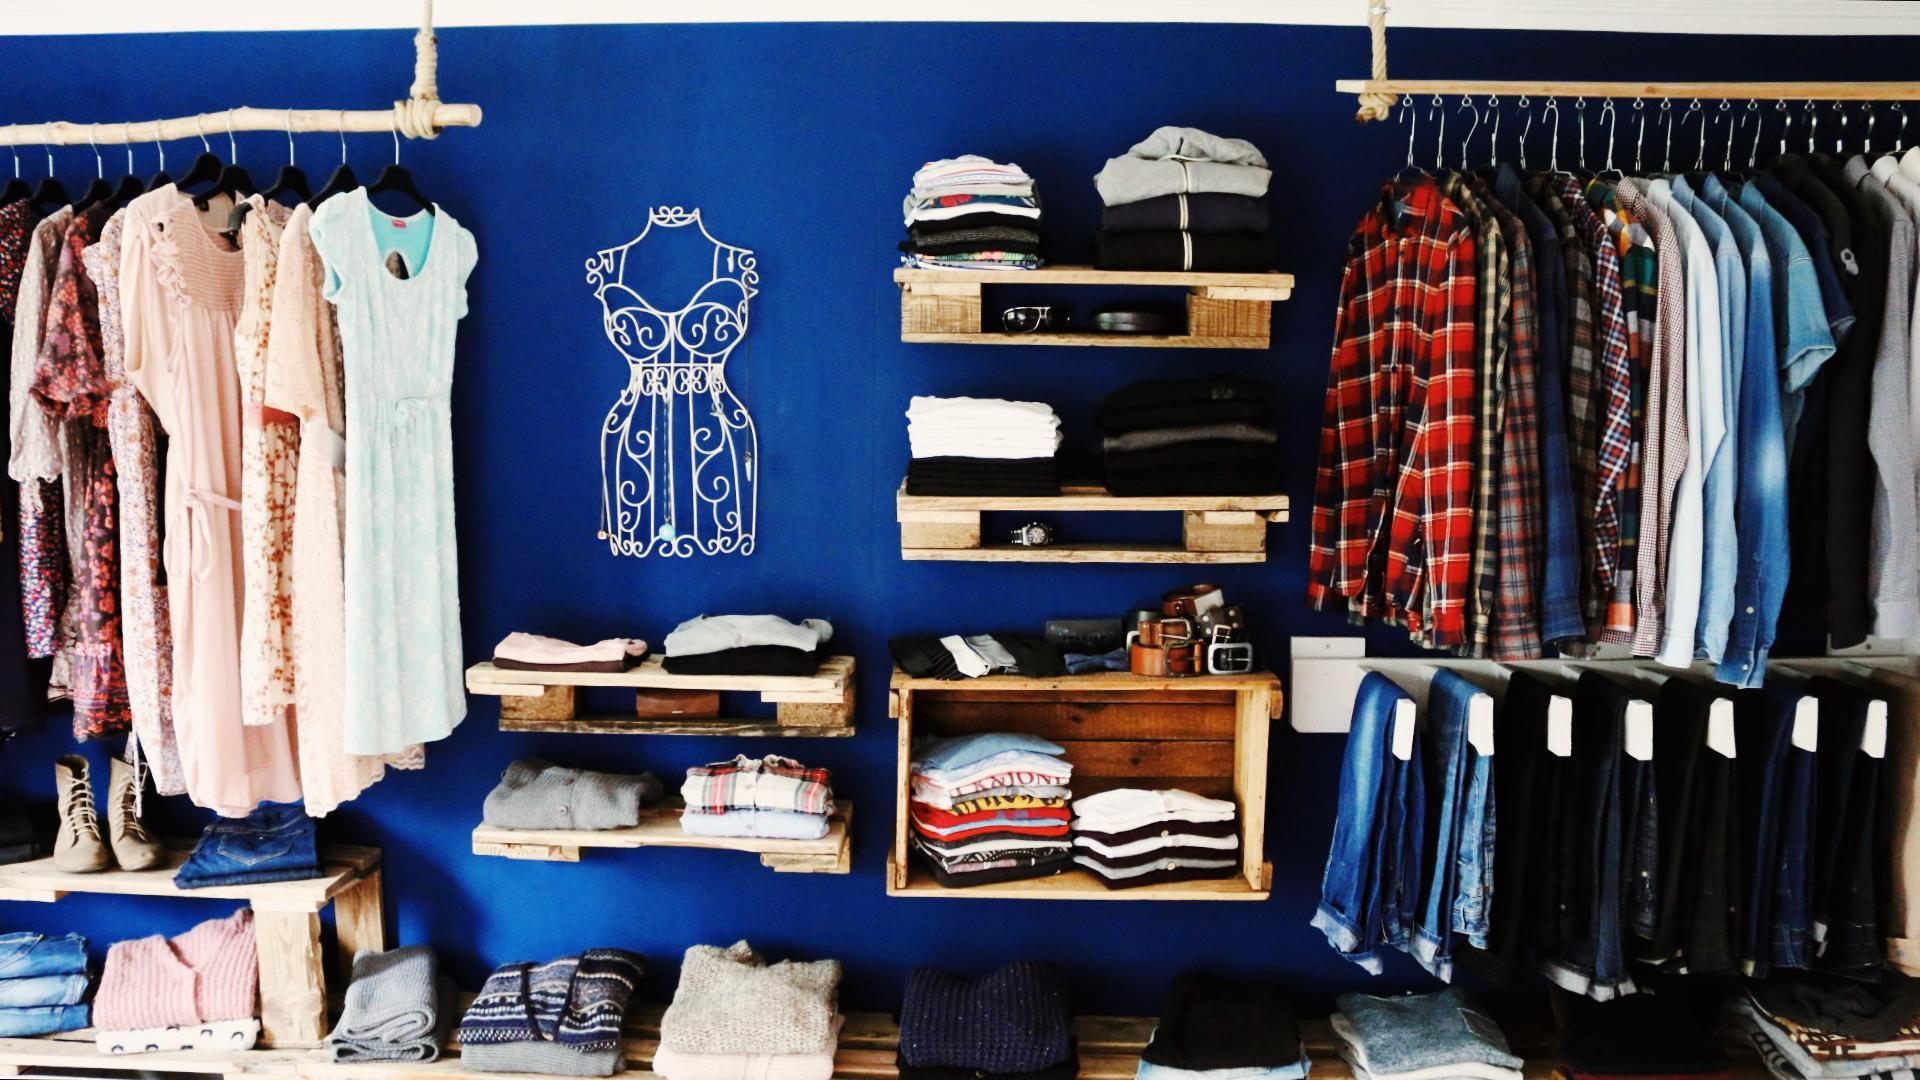 Offener Kleiderschrank Diy  Begehbarer Kleiderschrank aus Paletten & Weinkisten bauen